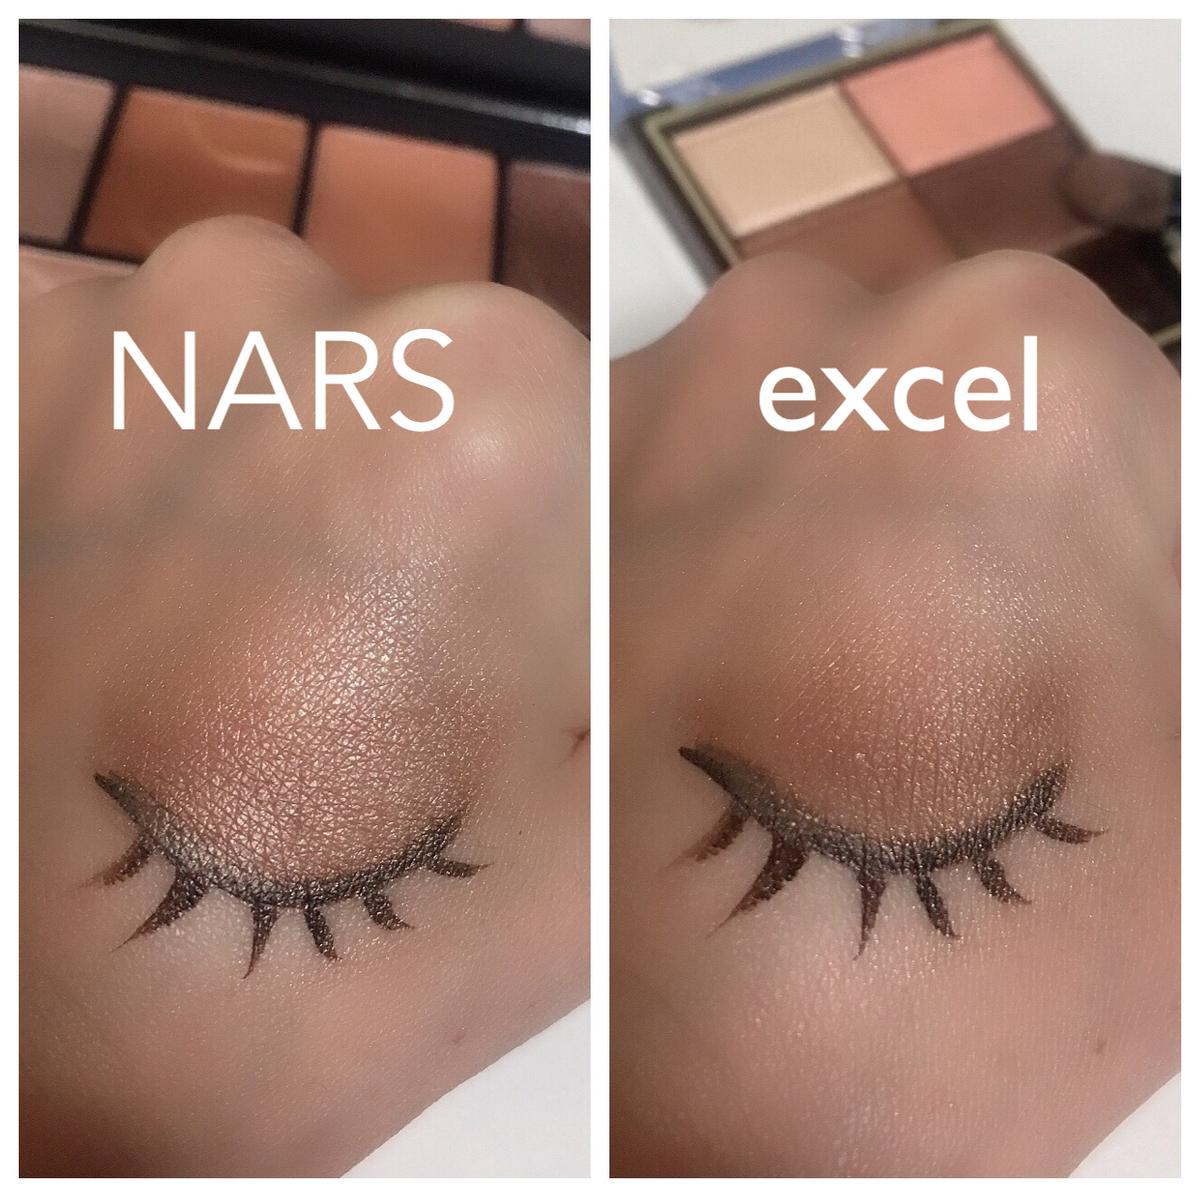 NARSとエクセルのブラウンアイシャドウ比較